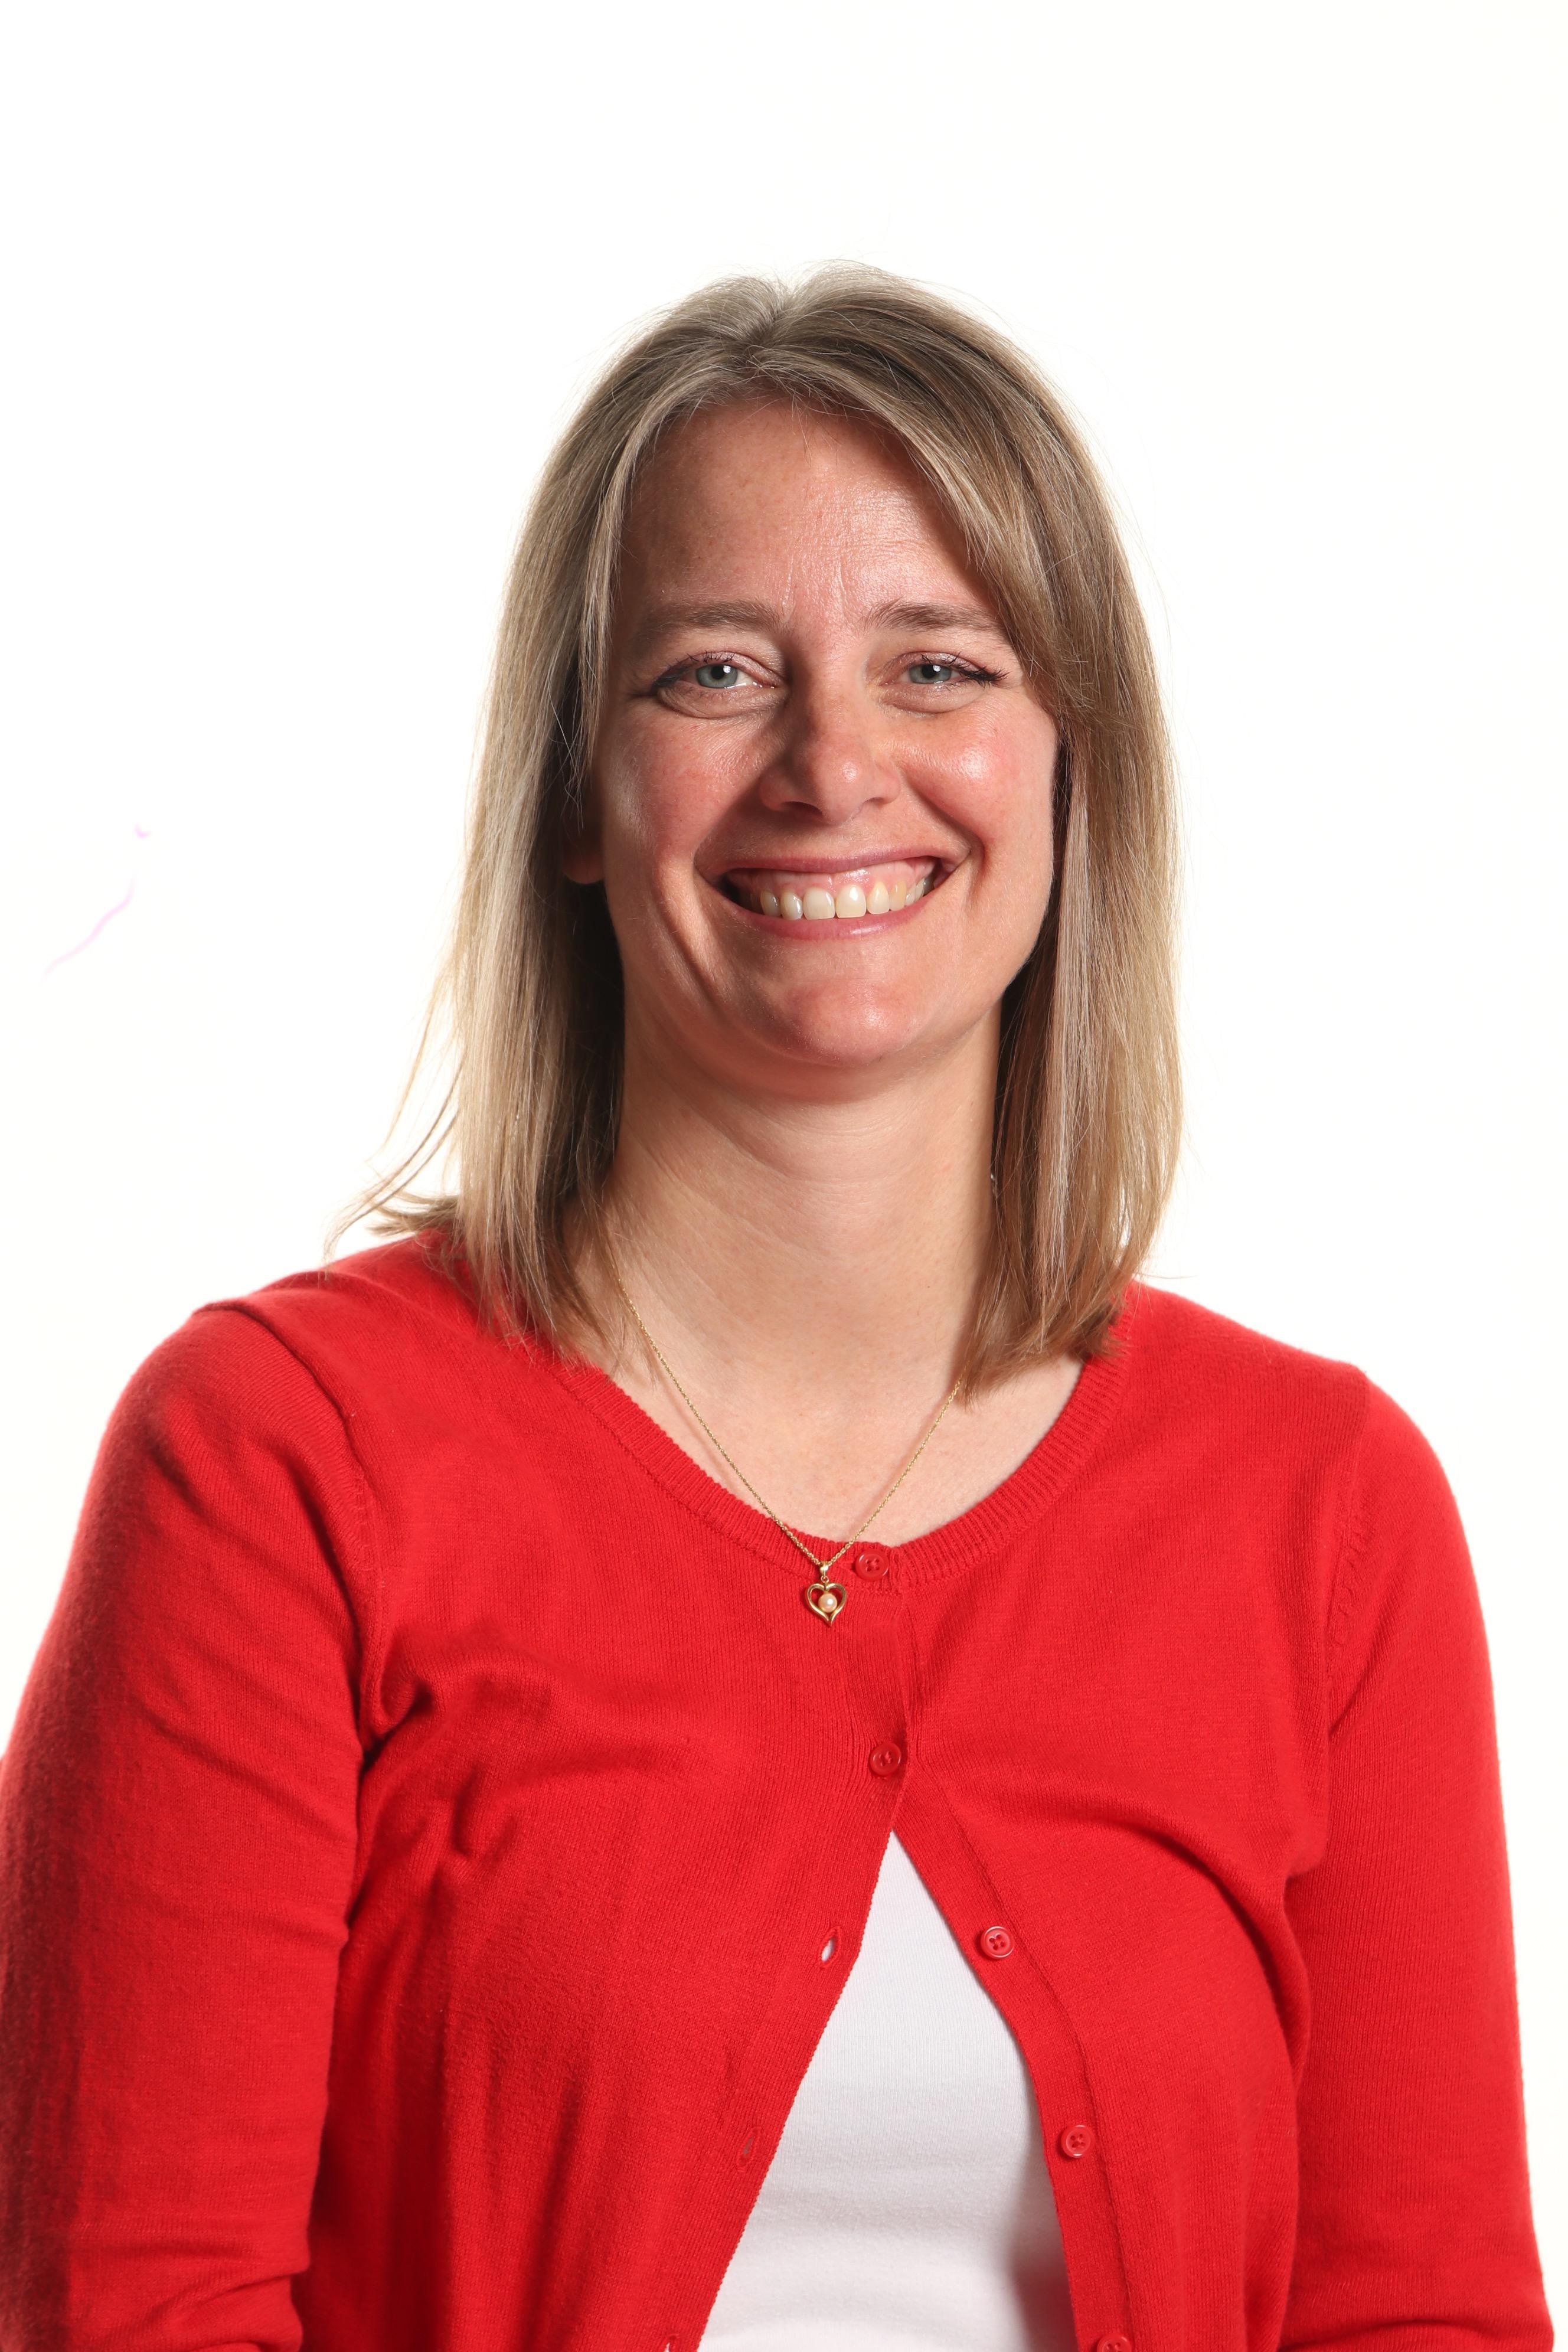 Lisa Dula